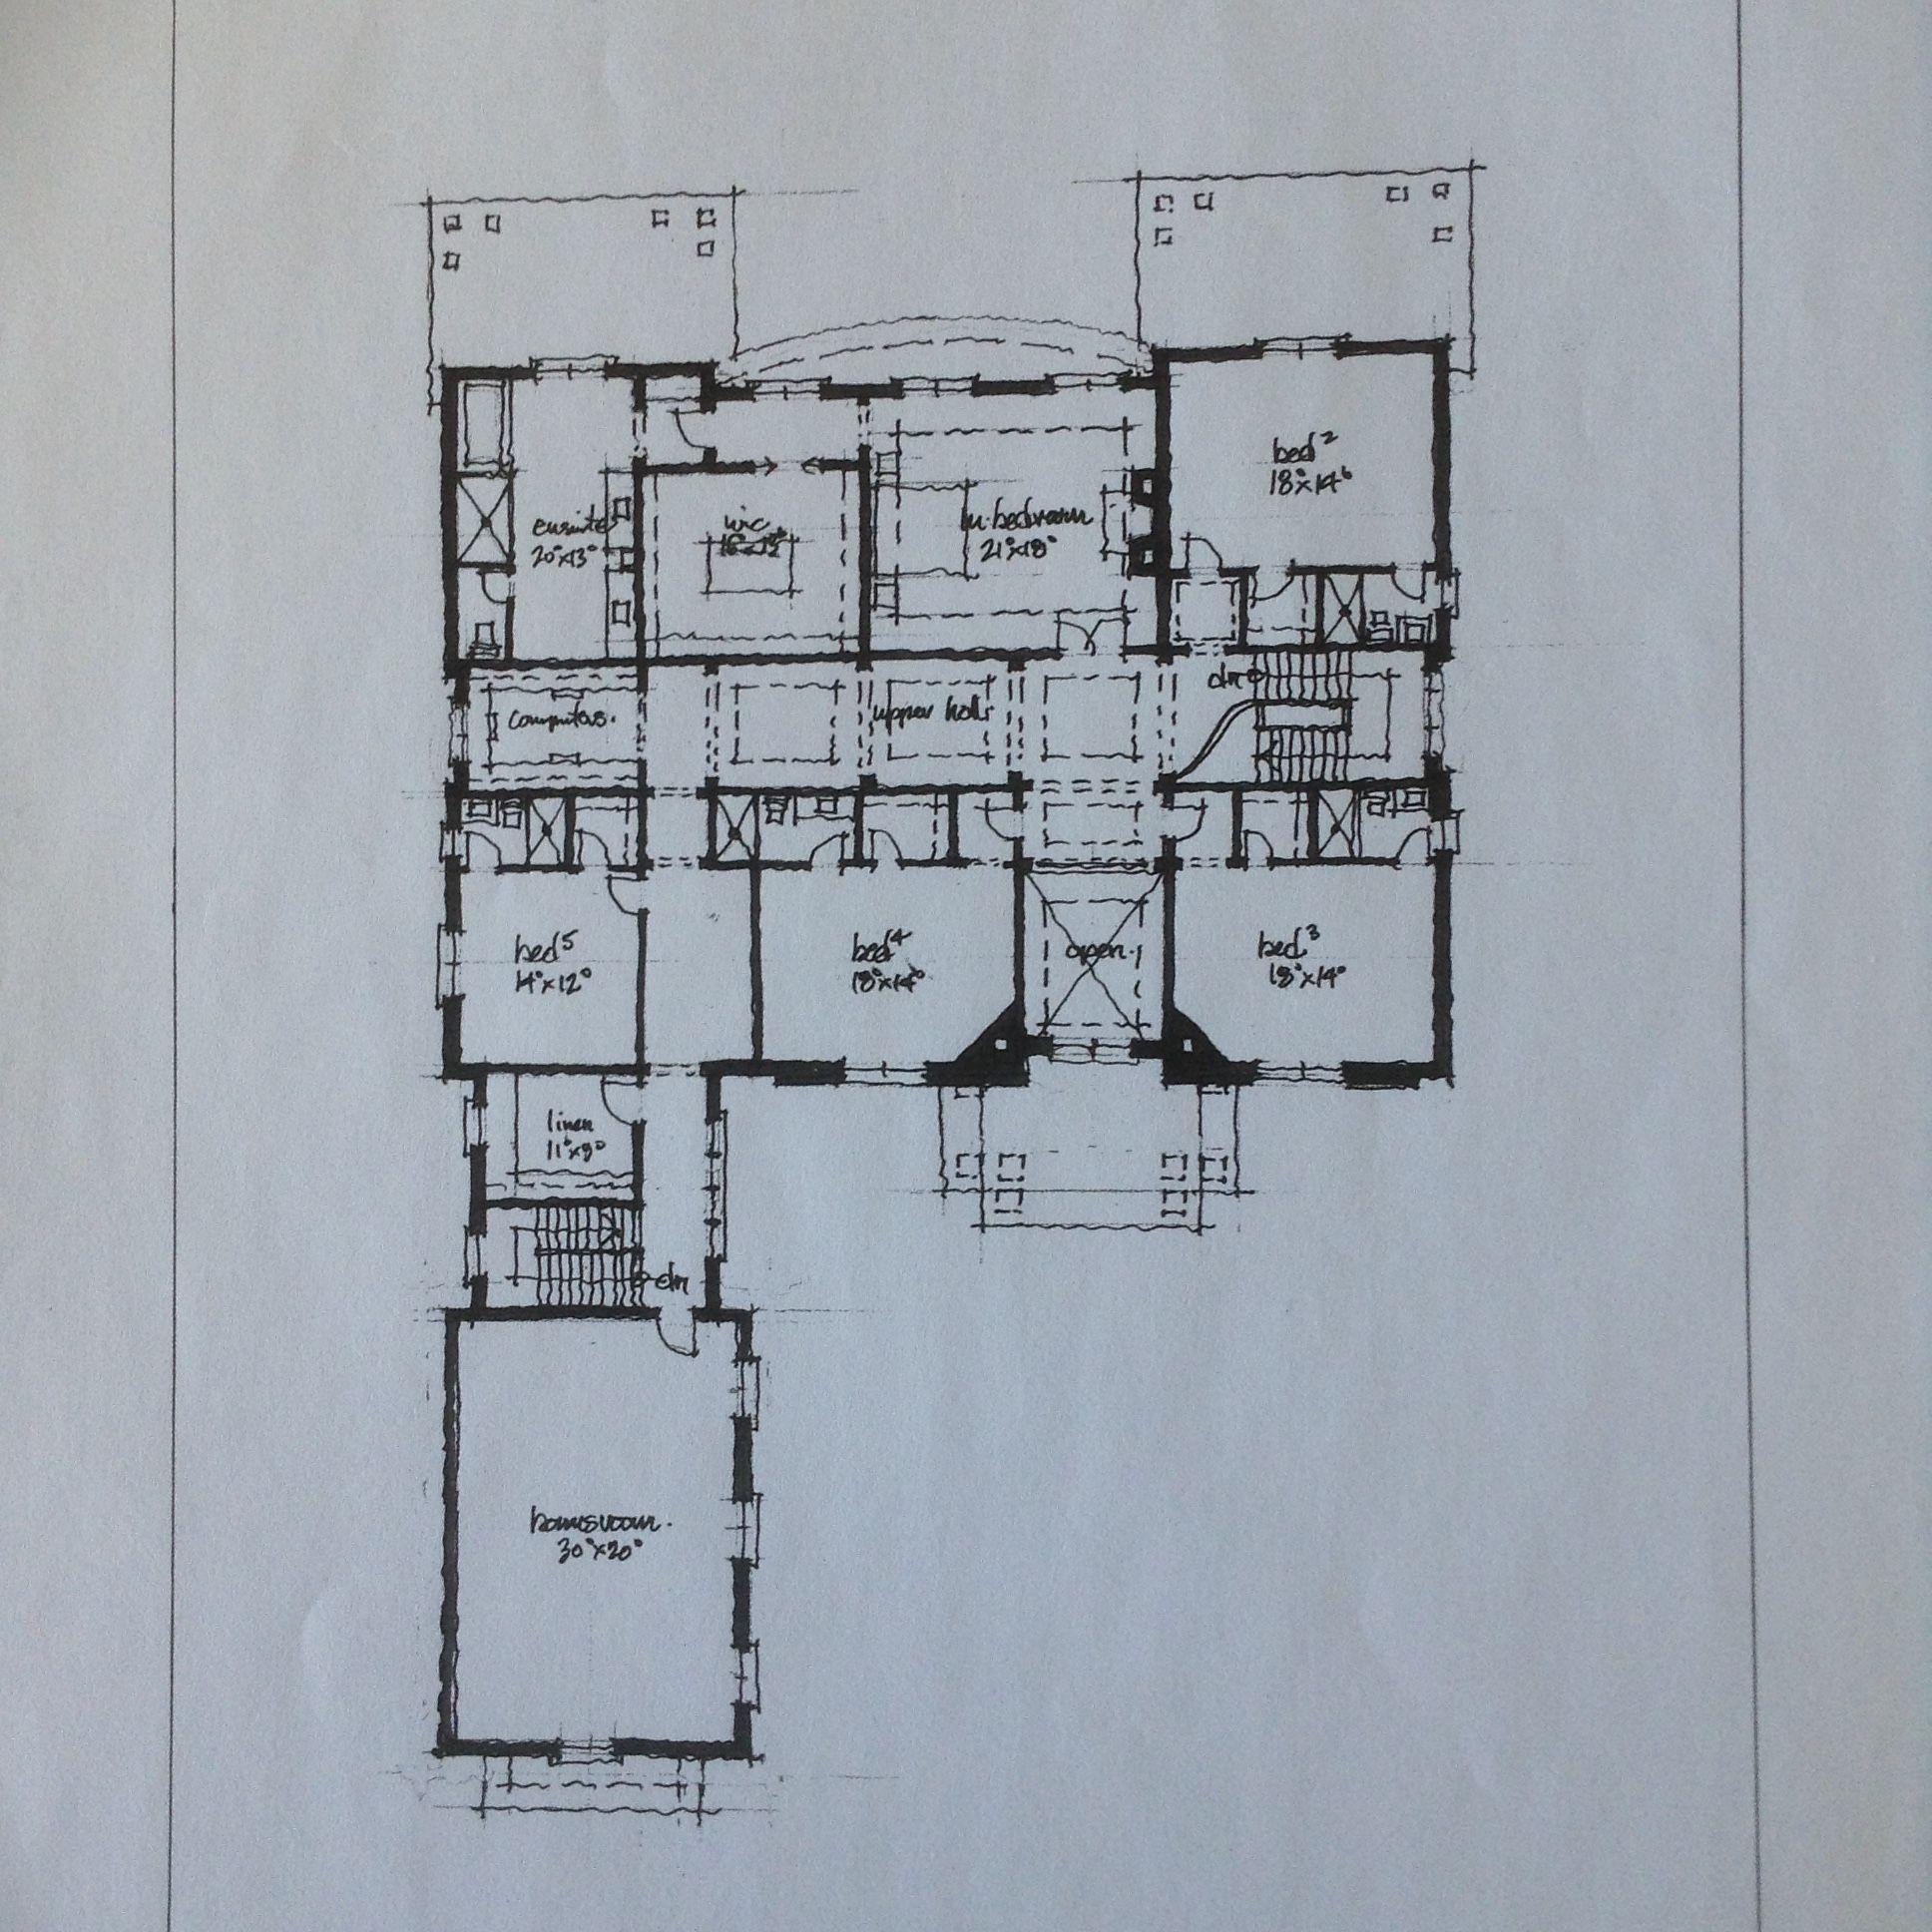 Oakville On Upper Level Luxury House Plans Floor Plans How To Plan